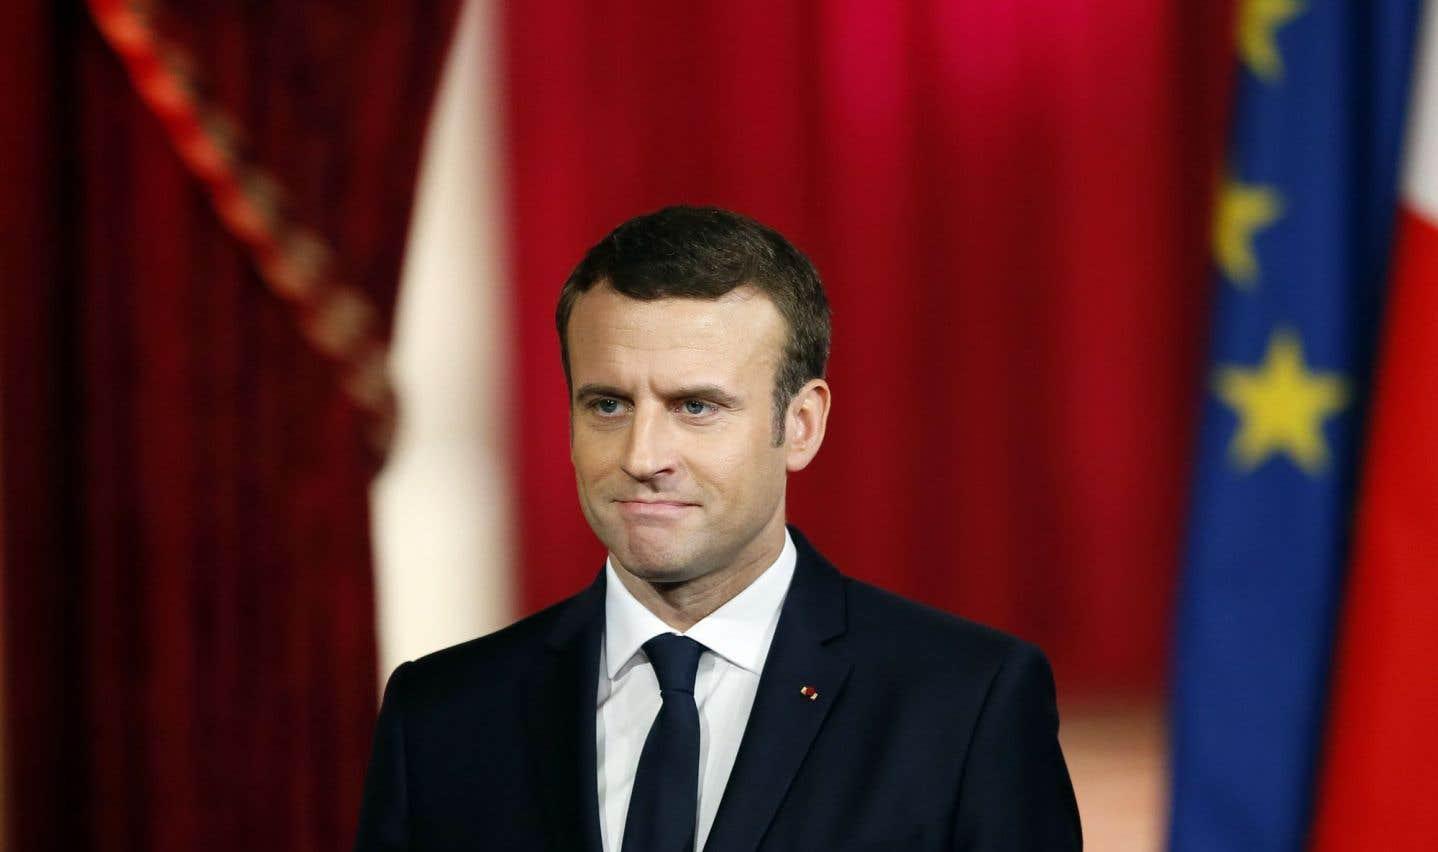 Le nouveau président français, Emmanuel Macron, entre à l'Élysée